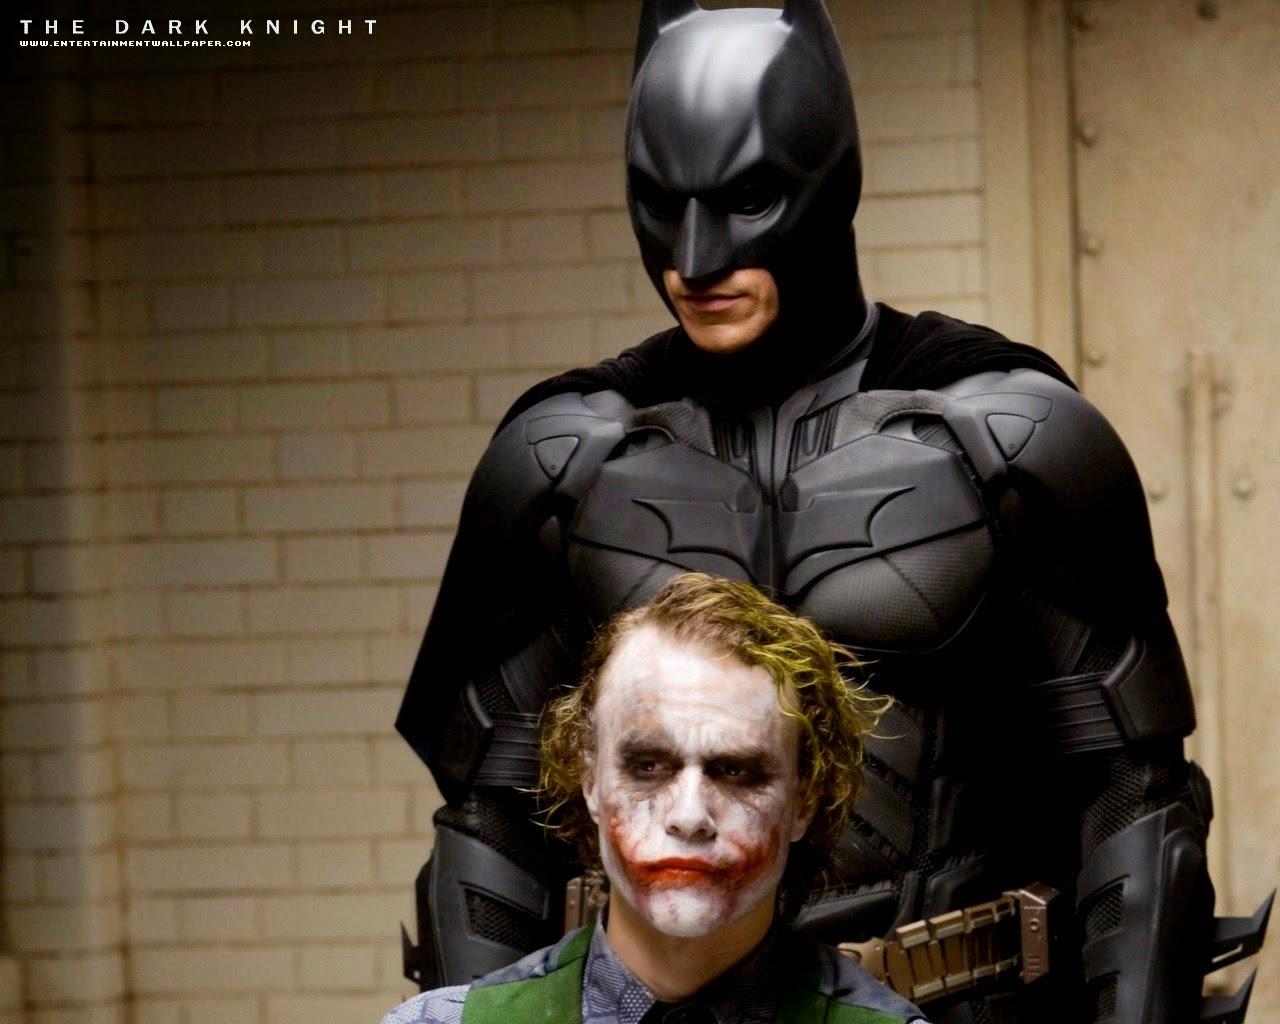 En Iyi Christopher Nolan Filmleri Trend Dizi Ve Film Tanıtımları